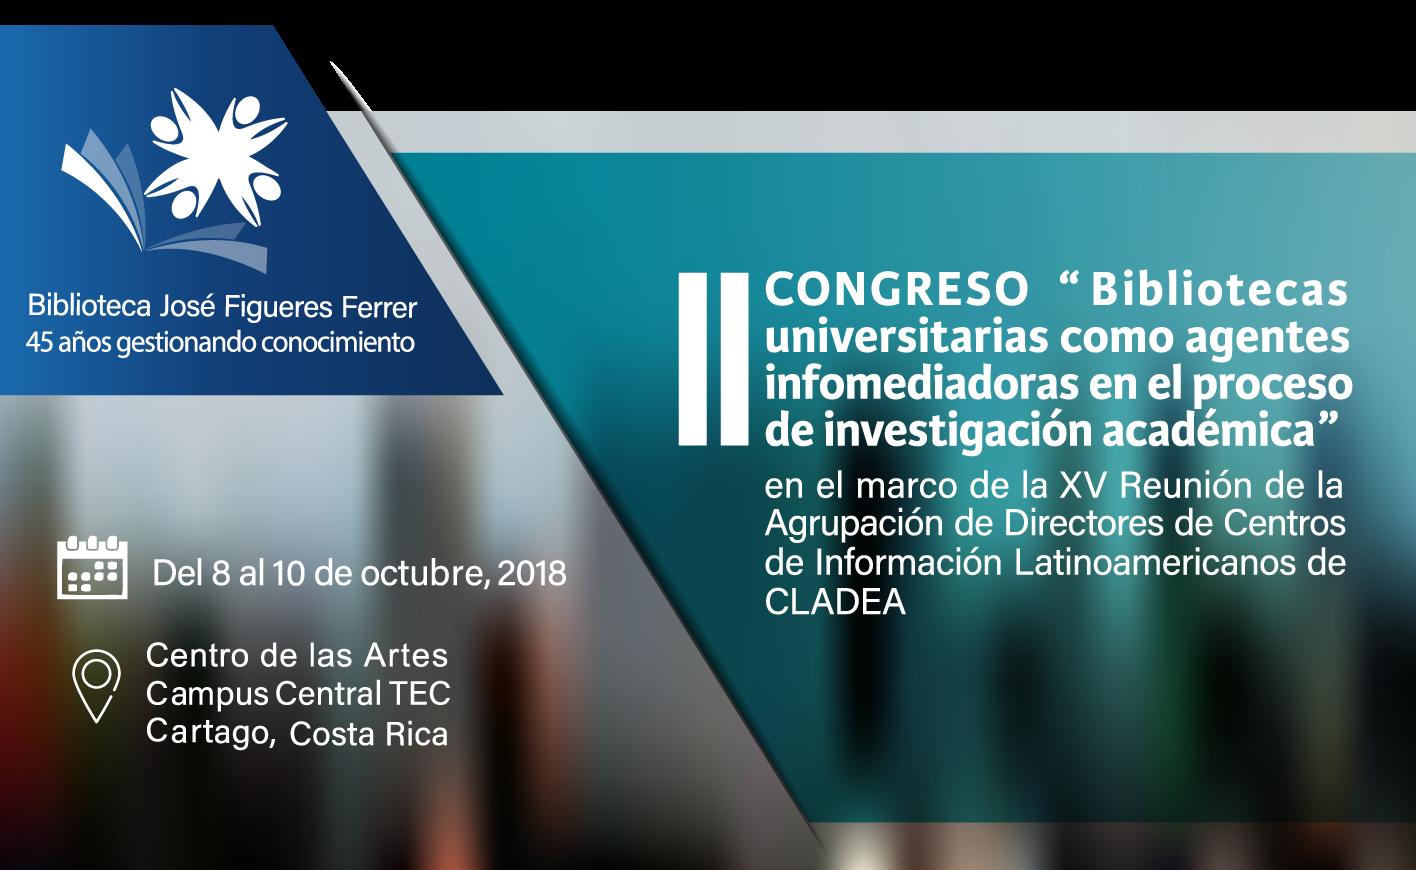 II Congreso Bibliotecas y Centros de Información del 8 al 10 de octubre del 2018